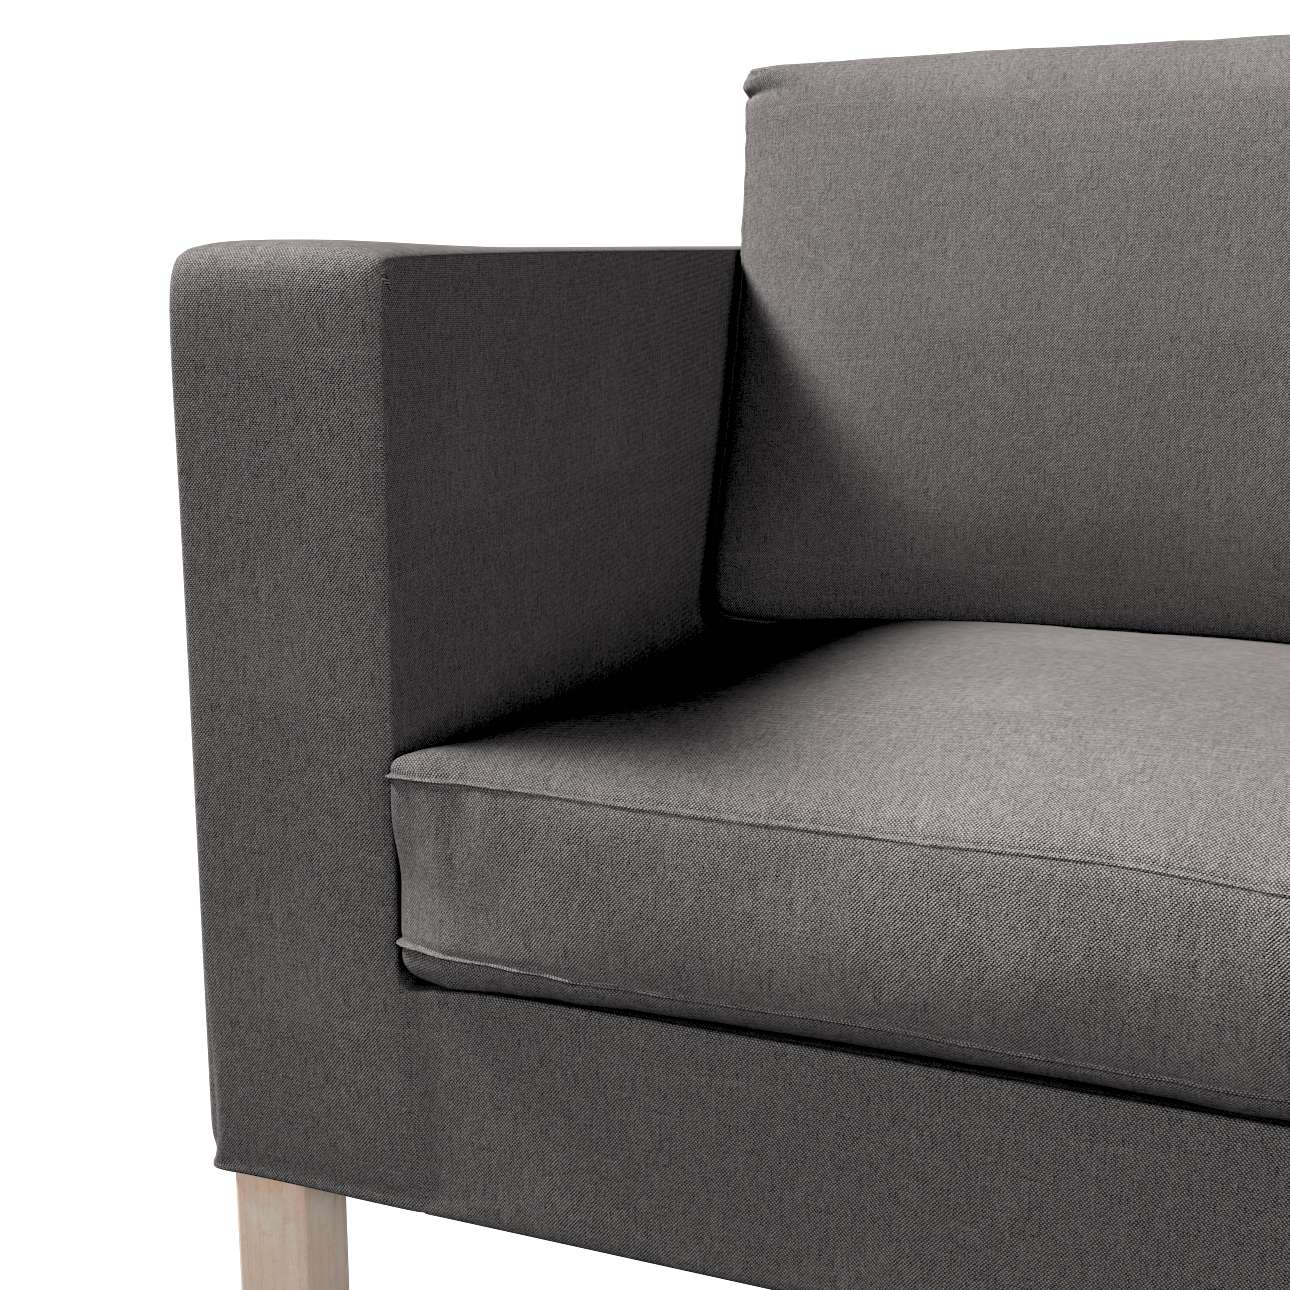 Pokrowiec na sofę Karlanda rozkładaną, krótki w kolekcji Etna, tkanina: 705-35